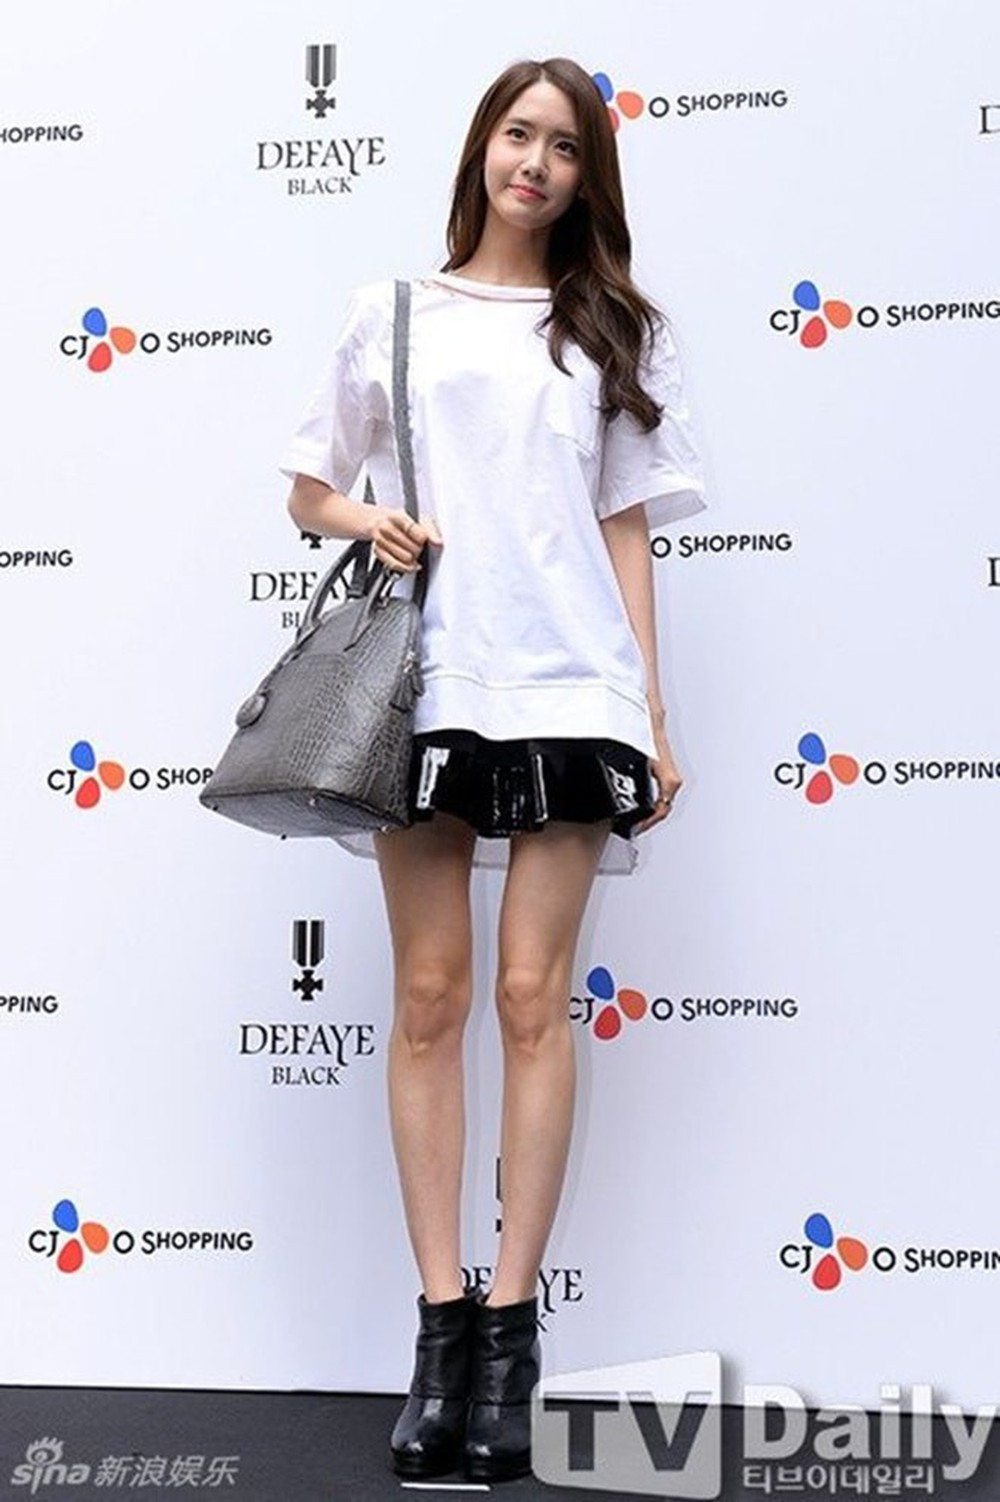 Tréo ngoe như Yoona: Cứ nghĩ càng gầy mặc càng đẹp, riêng nàng này có lên cân thì style mới lên hạng - Ảnh 4.